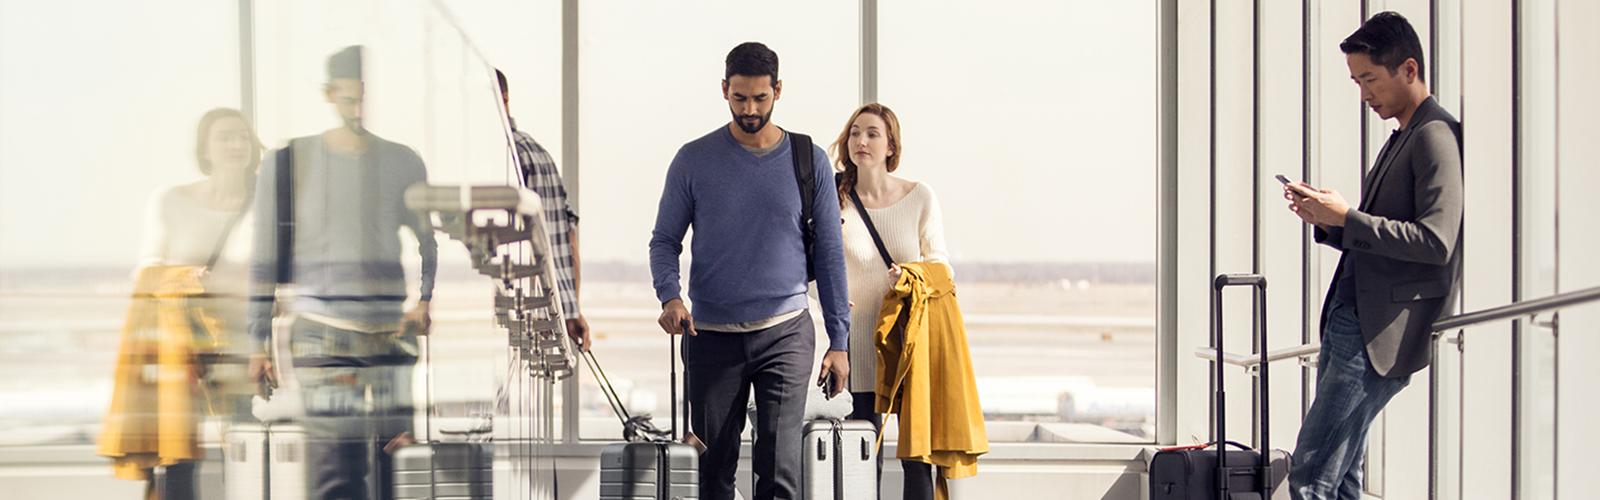 Photo d'un aéroport avec des voyageurs marchant avec des bagages. Un voyageur est debout près de ses bagages et consulte son téléphone portable.